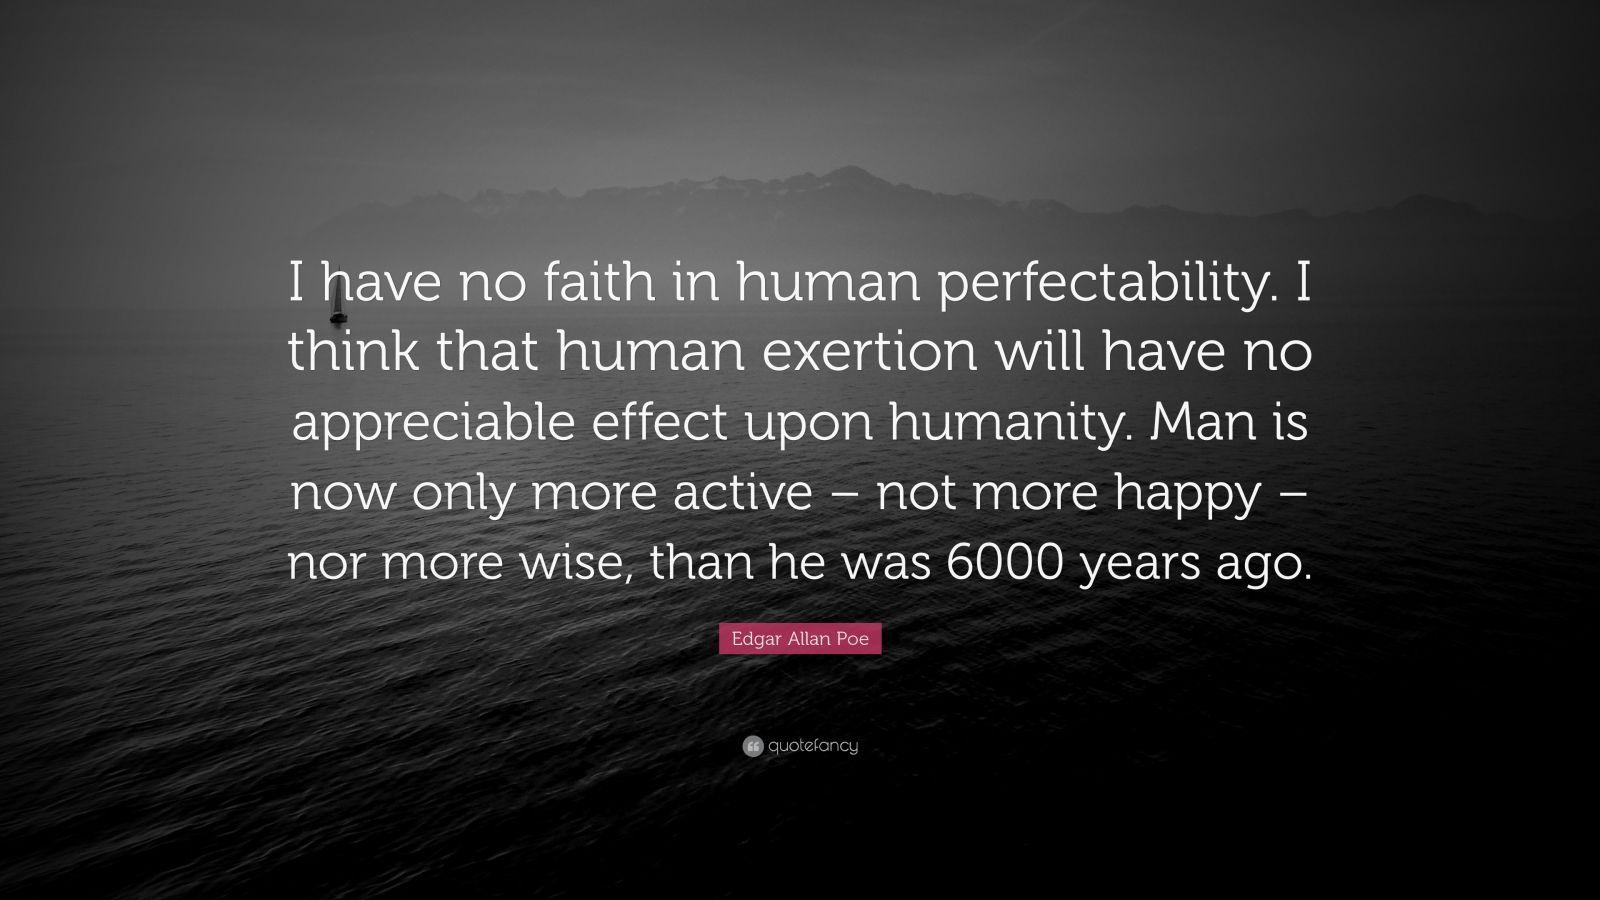 Edgar Allan Poe Quotes Wallpaper Edgar Allan Poe Quote I Have No Faith In Human